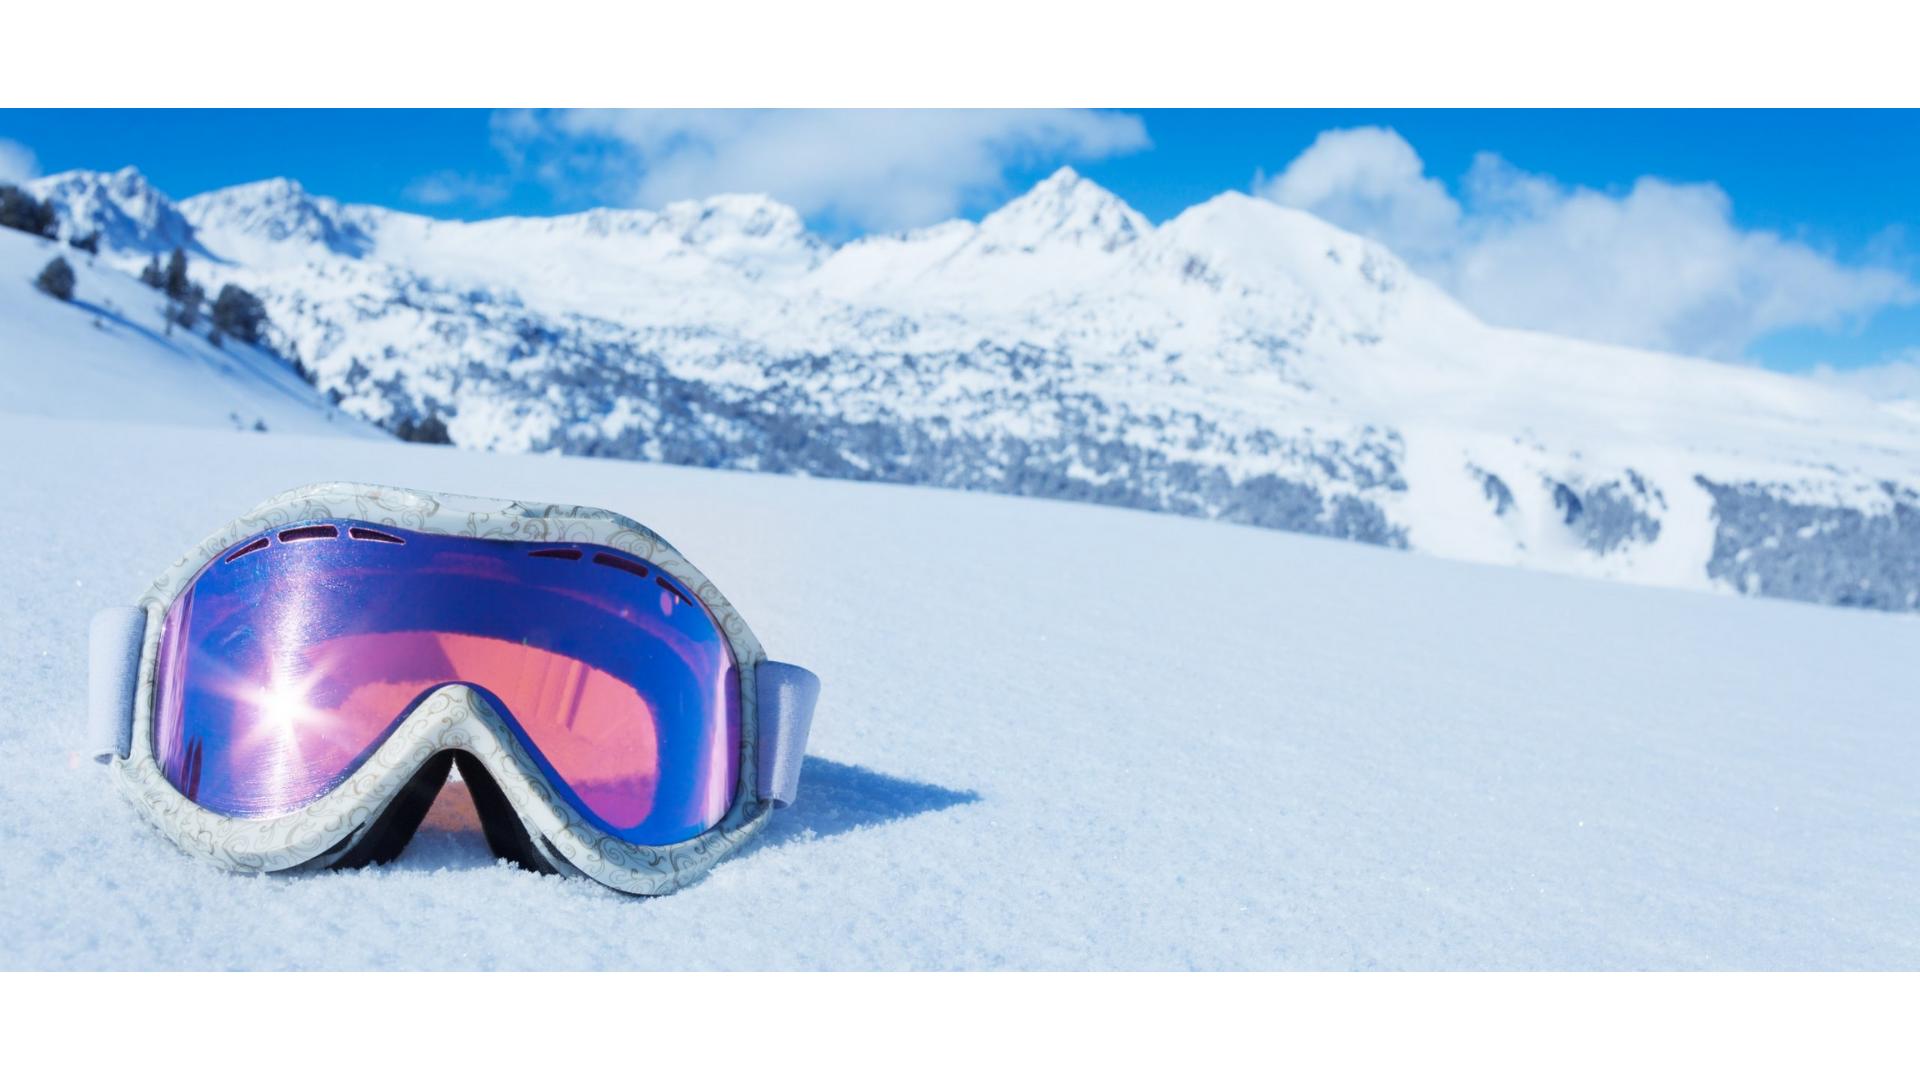 Kış sporları yaparken kullanılan kar gözlüğüne ait bir görsel.